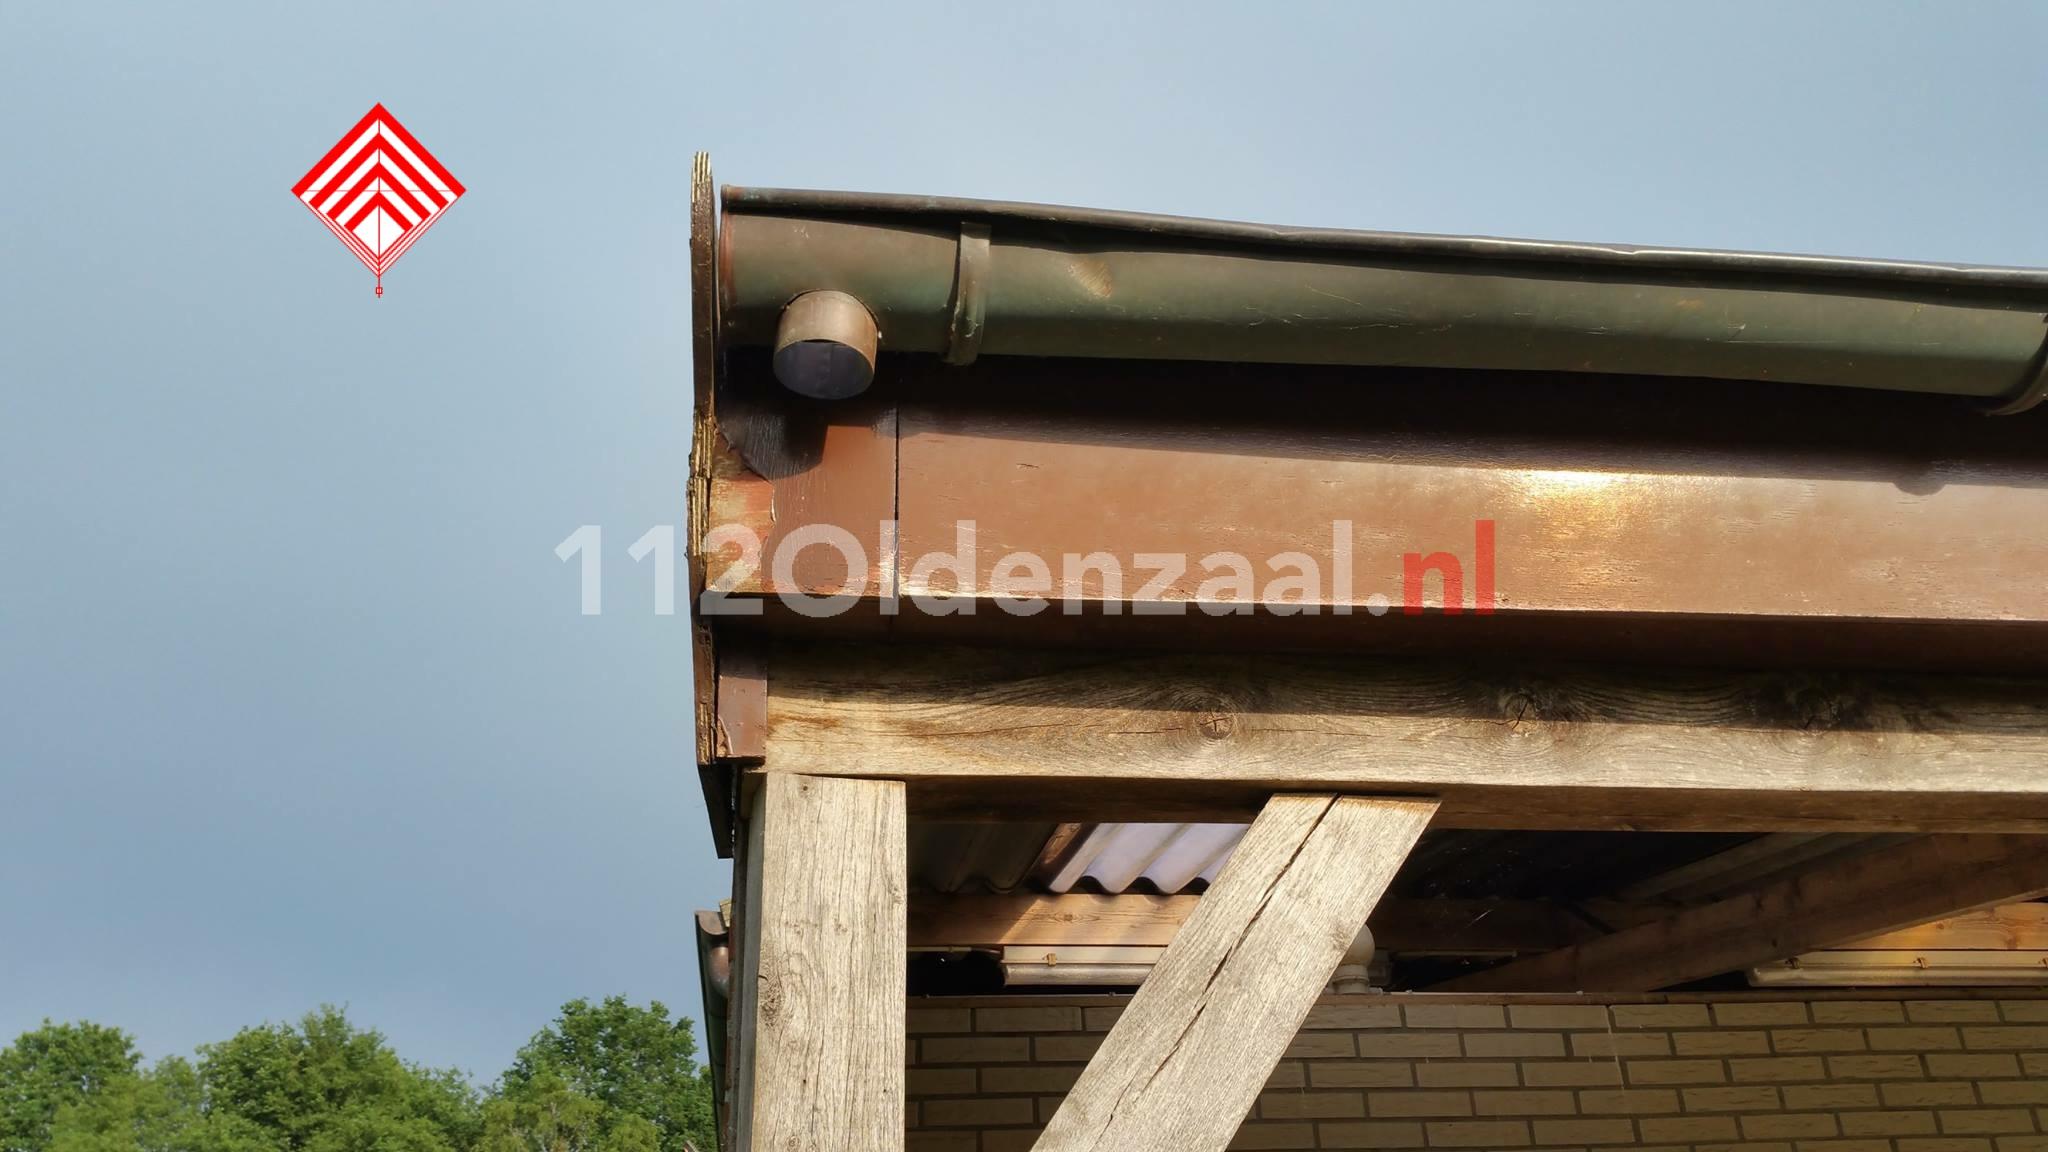 Foto 4: Houten deuren gestolen bij paardenschuur in Oldenzaal